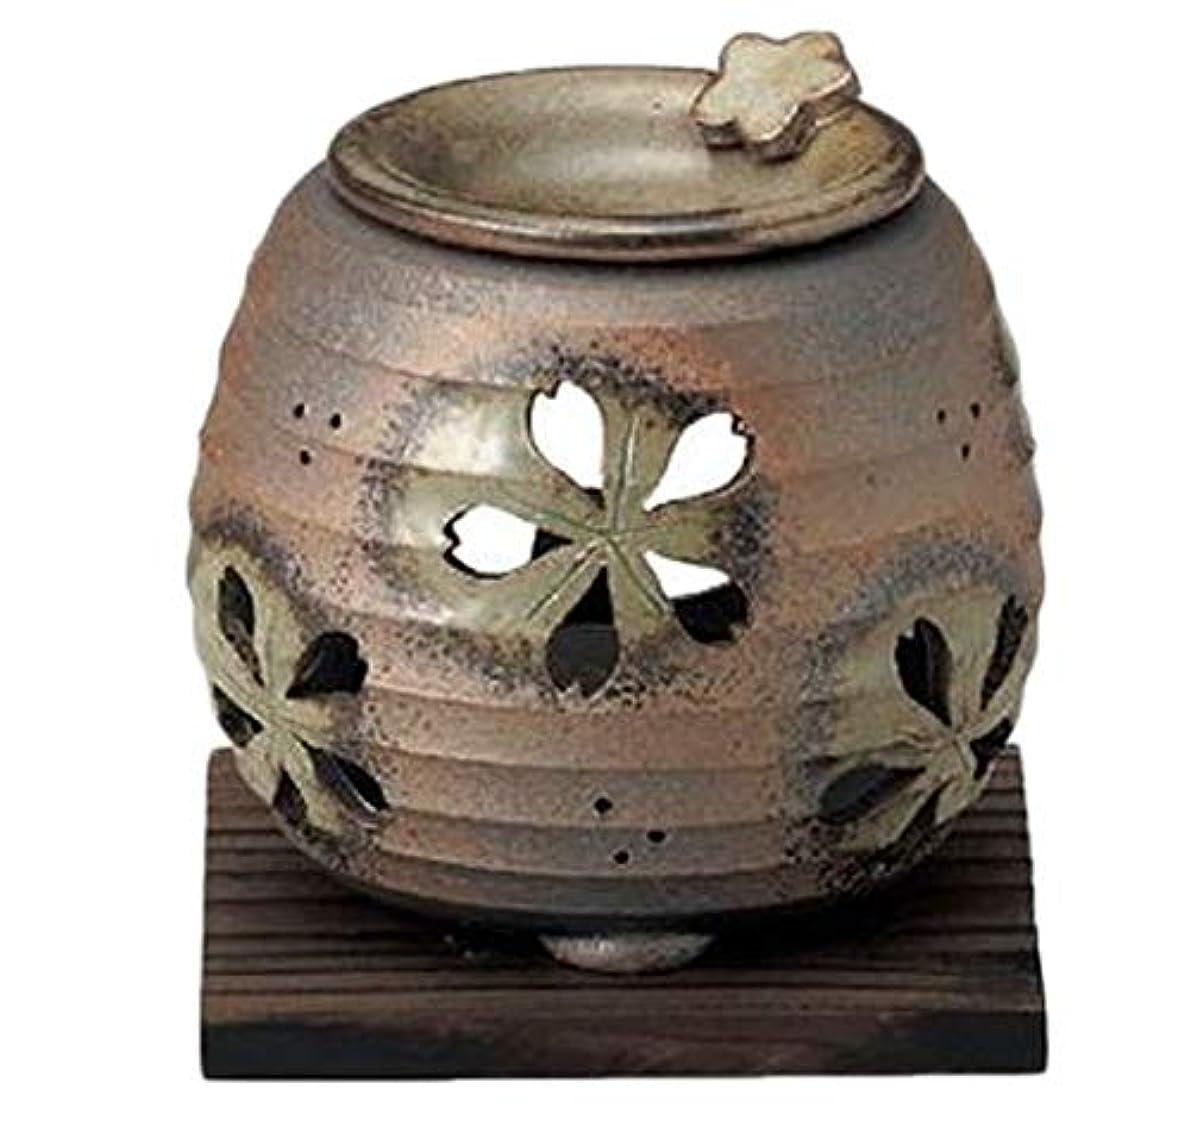 反発する洞窟プリーツ常滑焼 6-249 石龍緑灰釉桜透かし茶香炉 石龍φ11×H11㎝